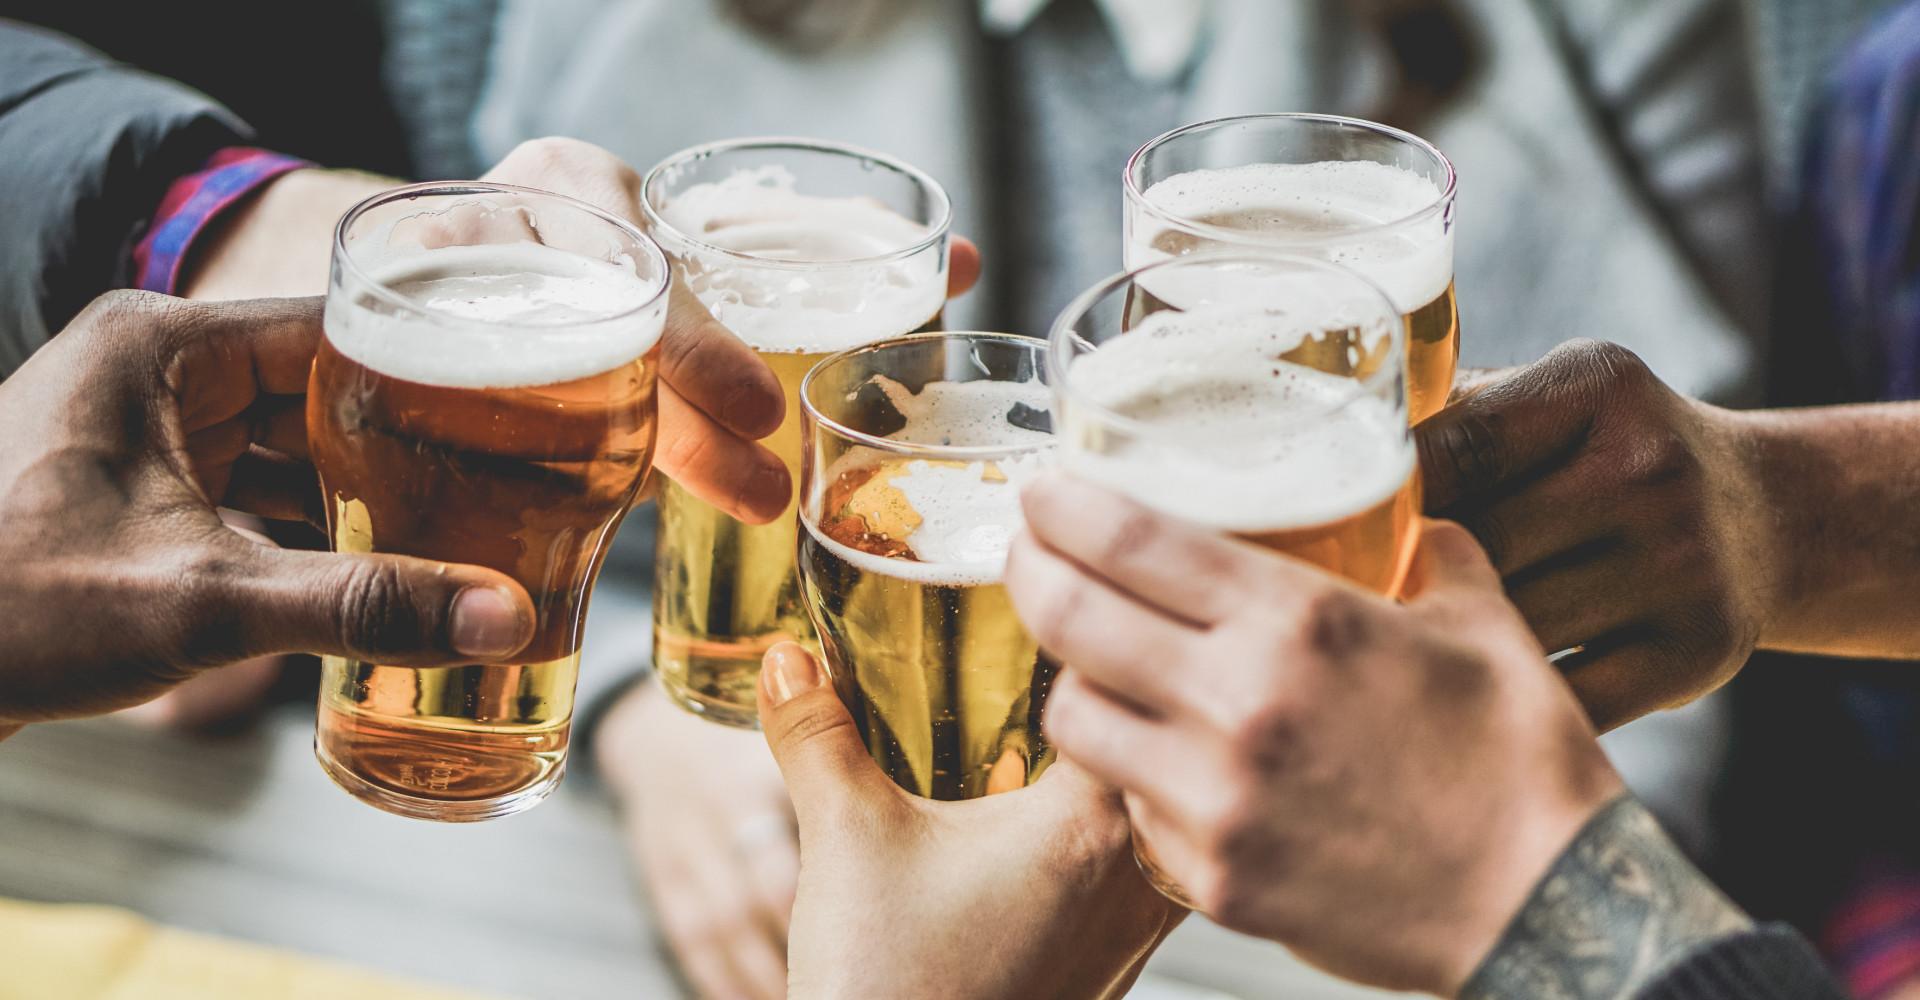 Lichte paniek: het bier raakt op!